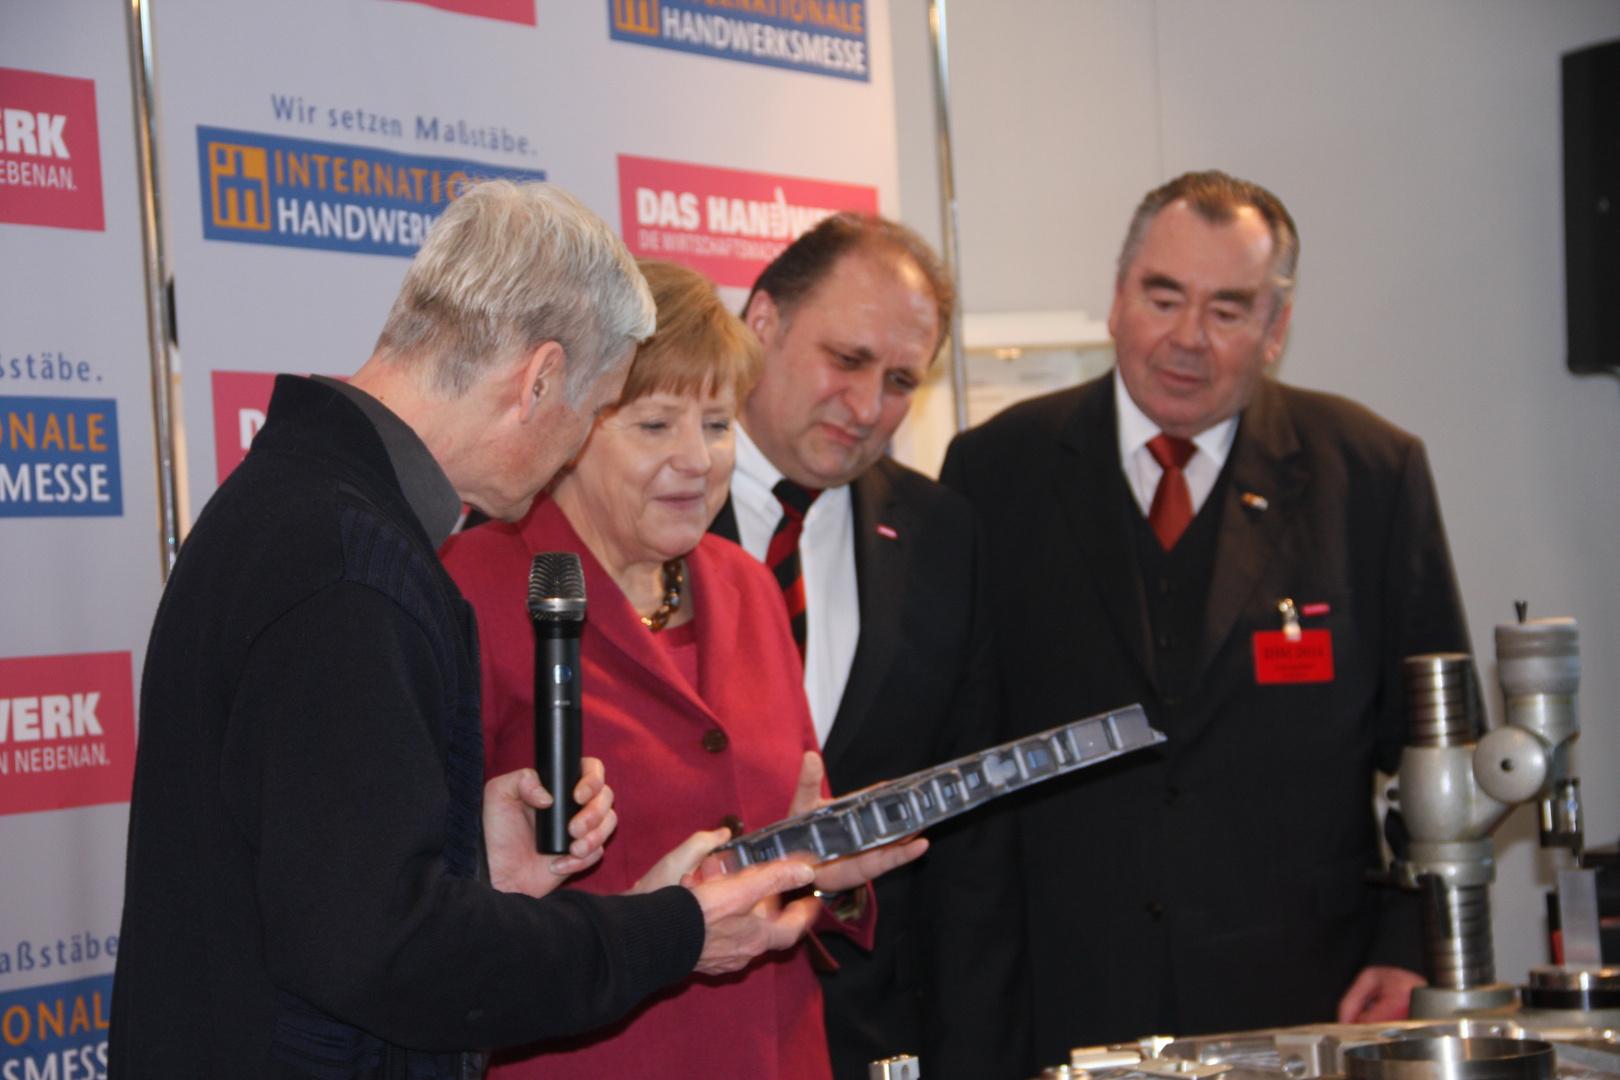 Angela Merkel besucht einen Stand auf der internationalen Handwerksmesse 14.3.2014 München